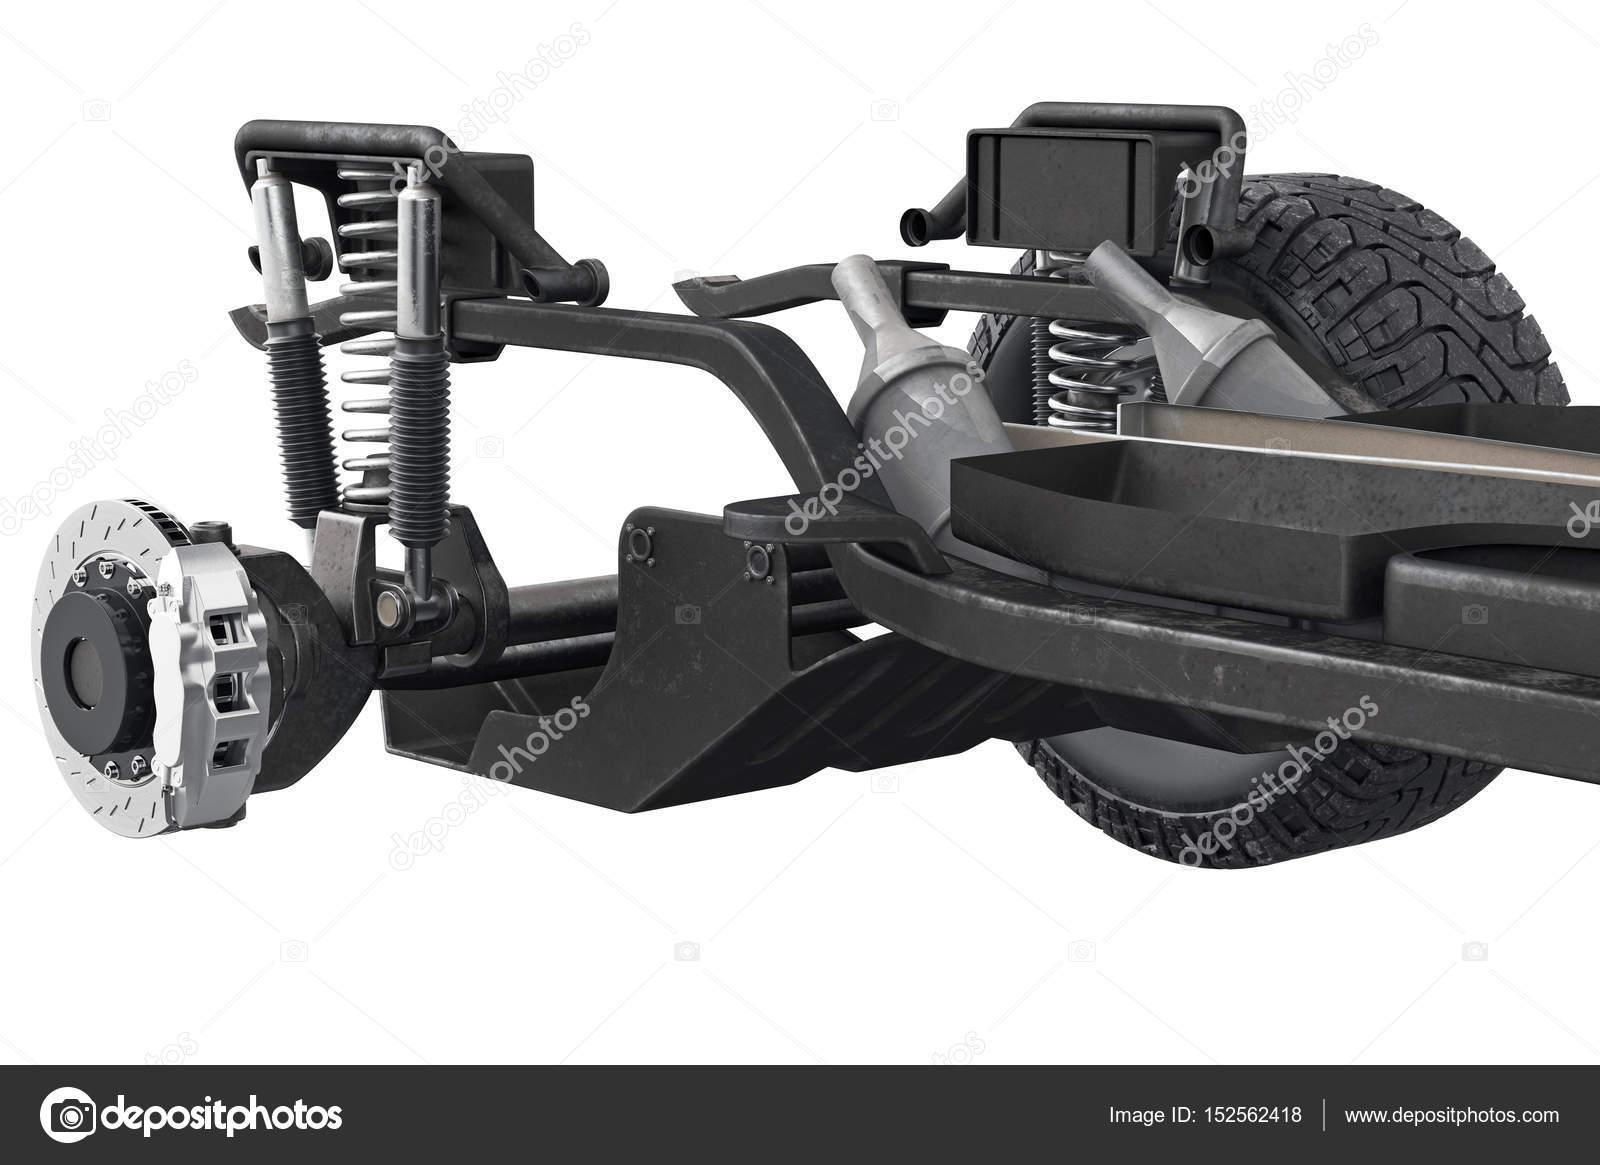 Chasis eje de marco, visión cercana — Foto de stock © ARTYuSTUDIO ...